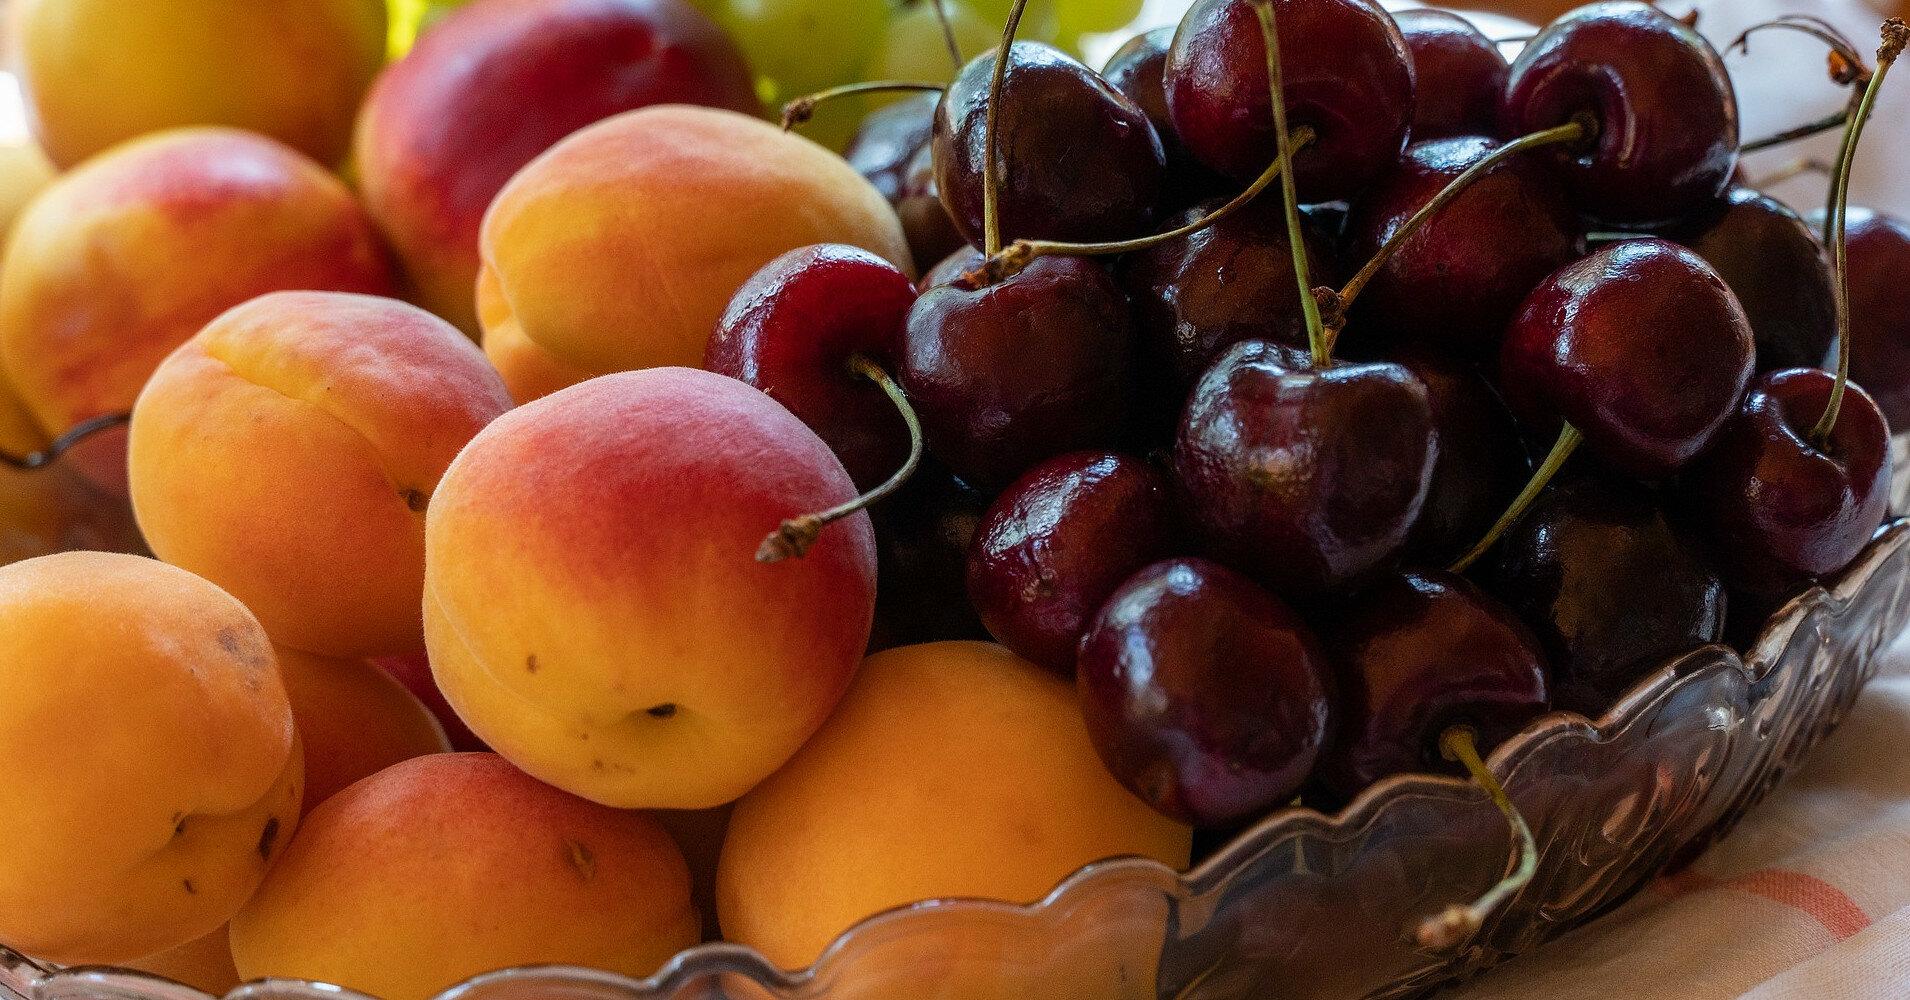 7 правил как правильно мыть фрукты и ягоды перед употреблением